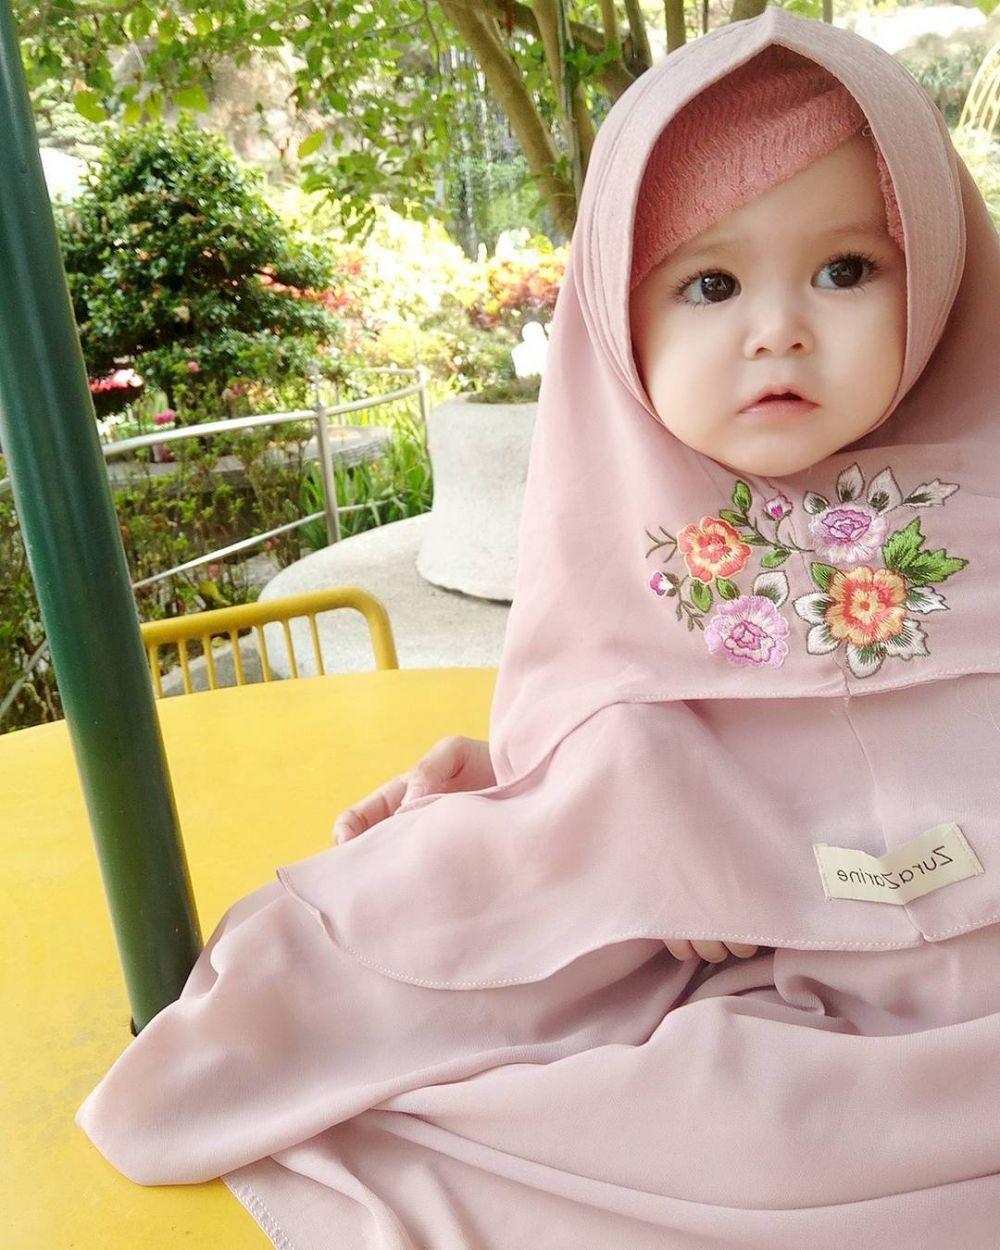 3 49 Naura Alaydrus, Bayi 1 Tahun yang Hits Karena Hijabnya, Seperti ini 12 Potret Lucunya, Gemesin Banget